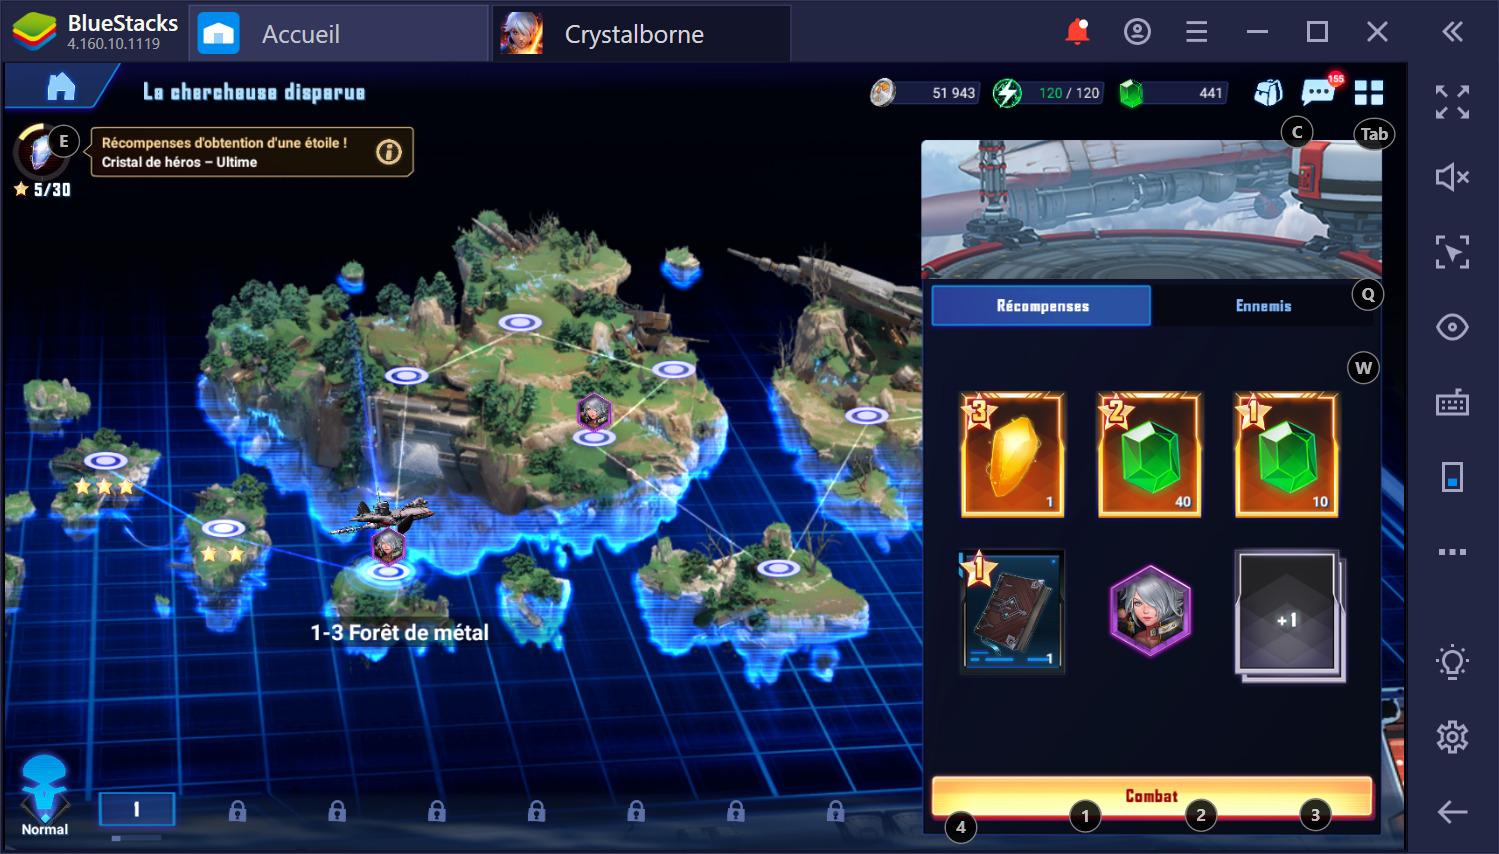 Trucs et astuces pour démarrer du bon pied dans Crystalborne : Heroes of Fate sur PC